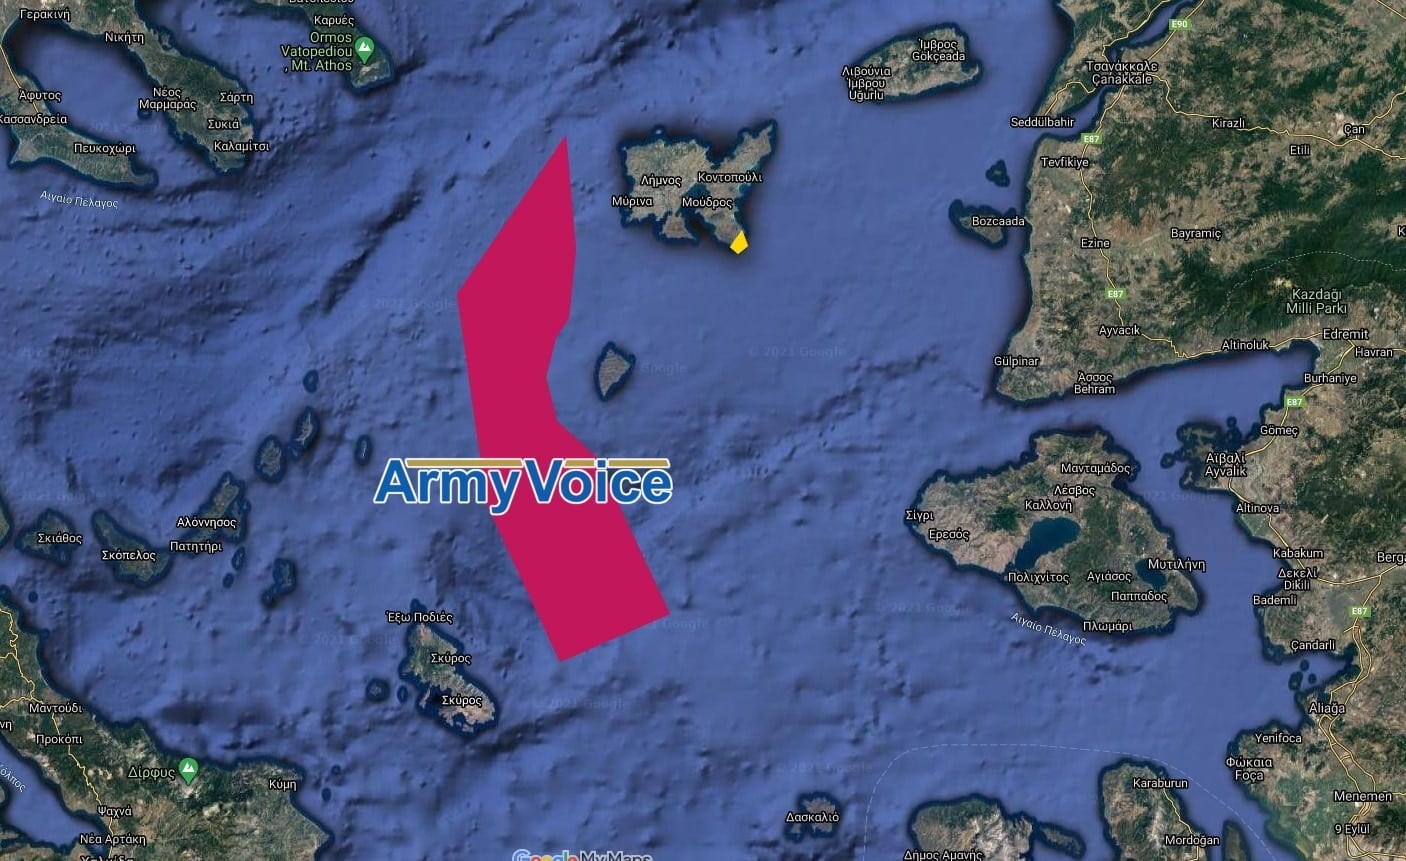 Τσεσμέ Δαρδανέλια NAVTEX για έρευνες στο Αιγαίο από το ΤΣΕΣΜΕ από την Τουρκία